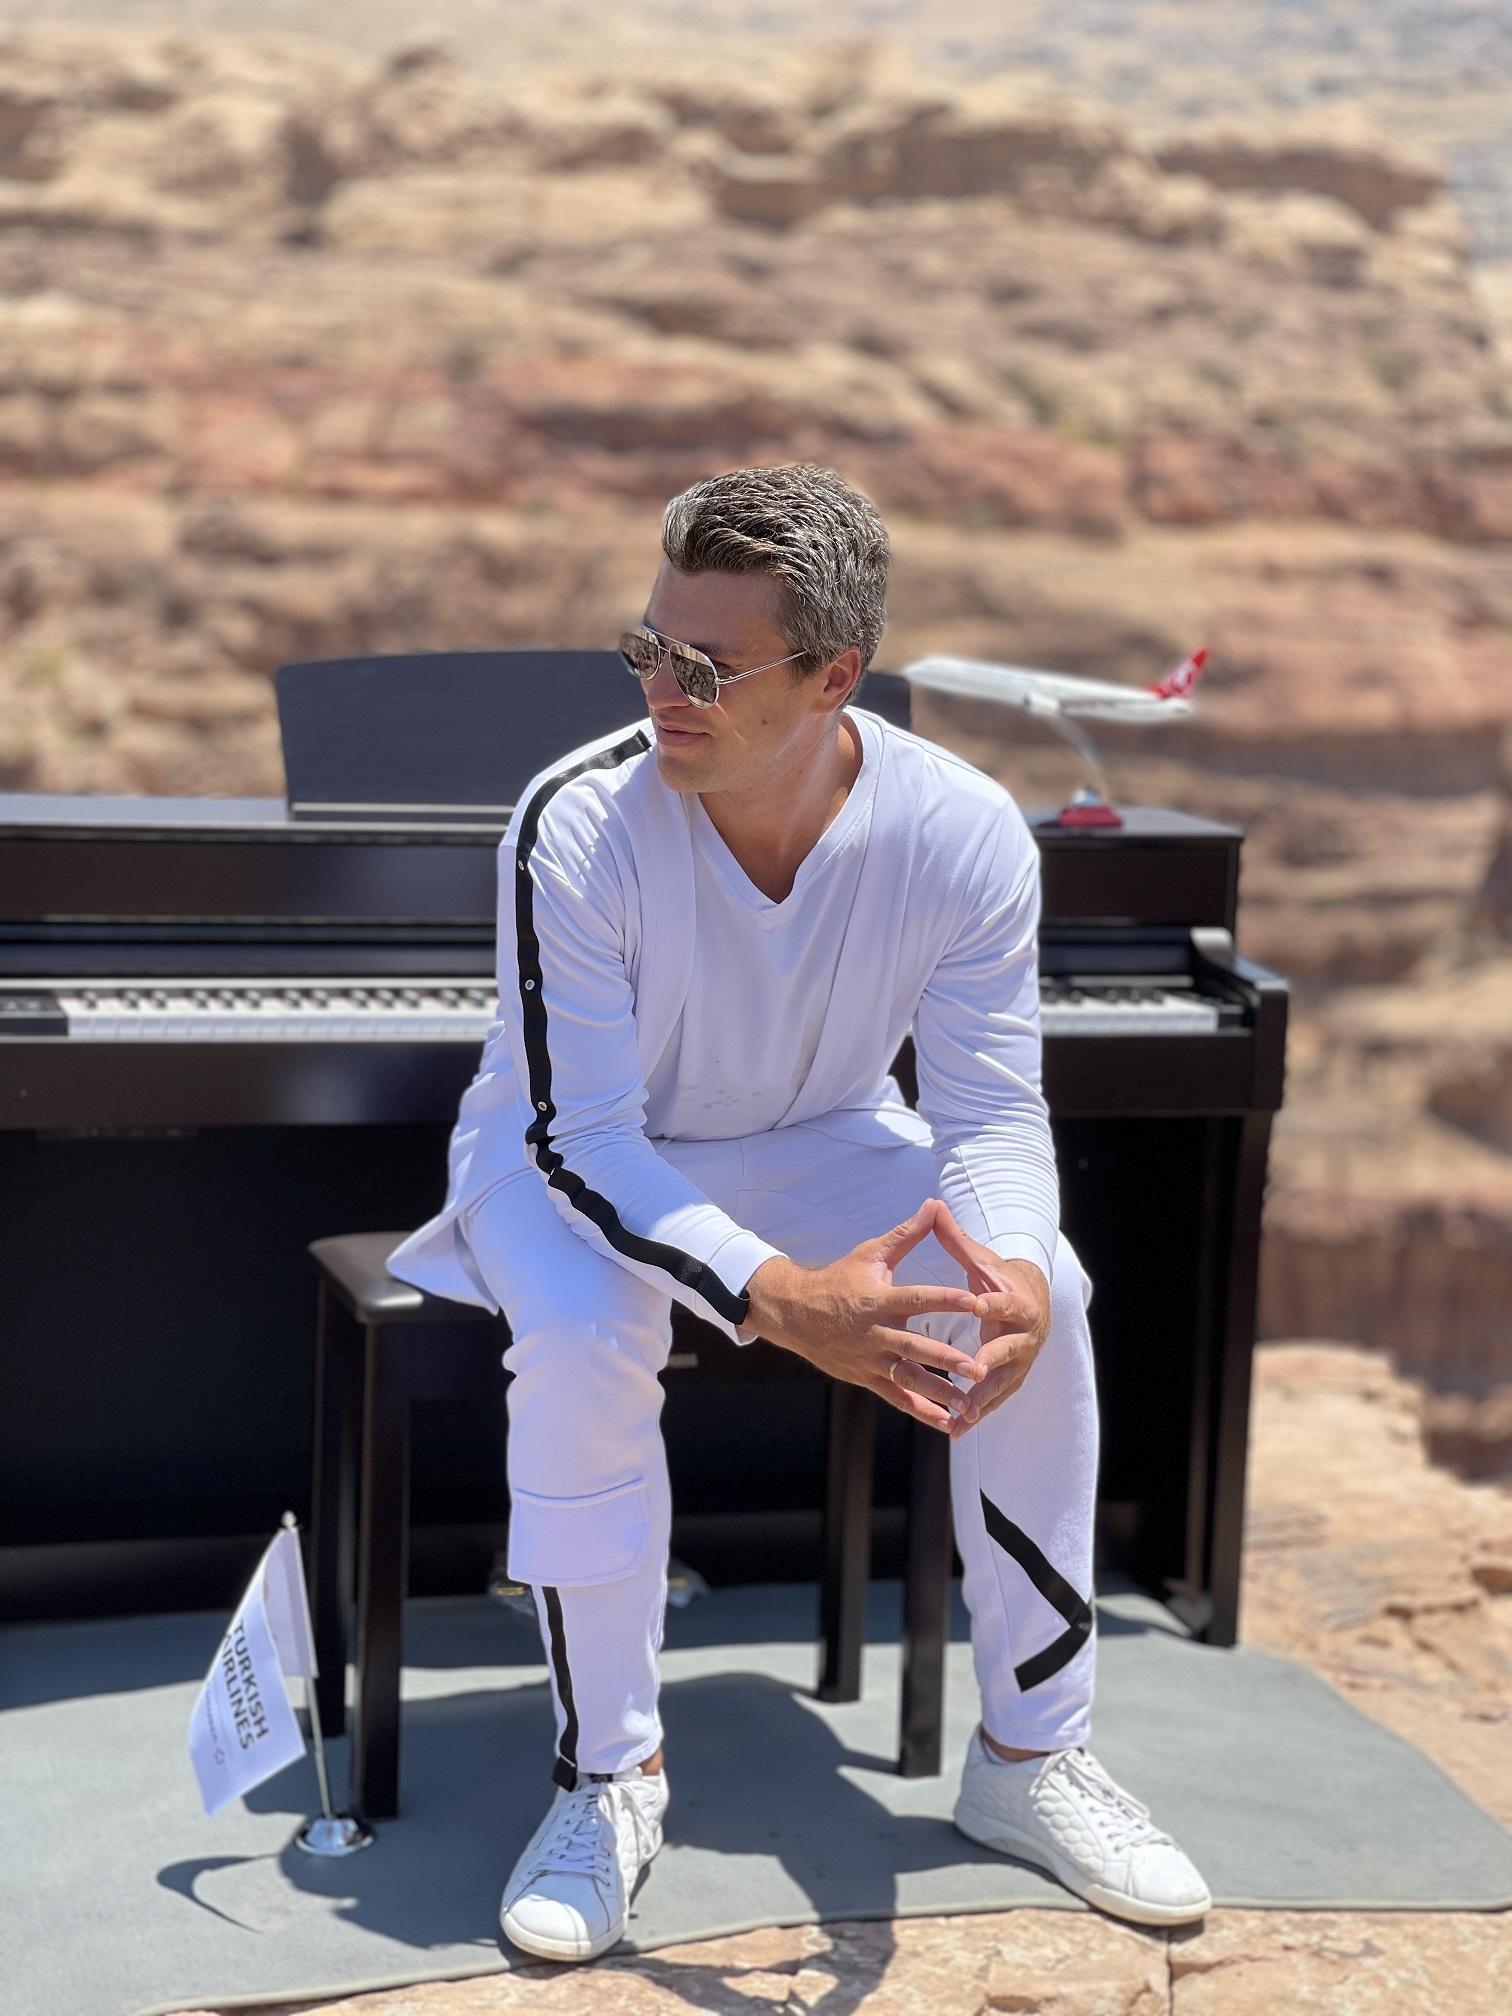 евгений хмара пианист иордания эктрим